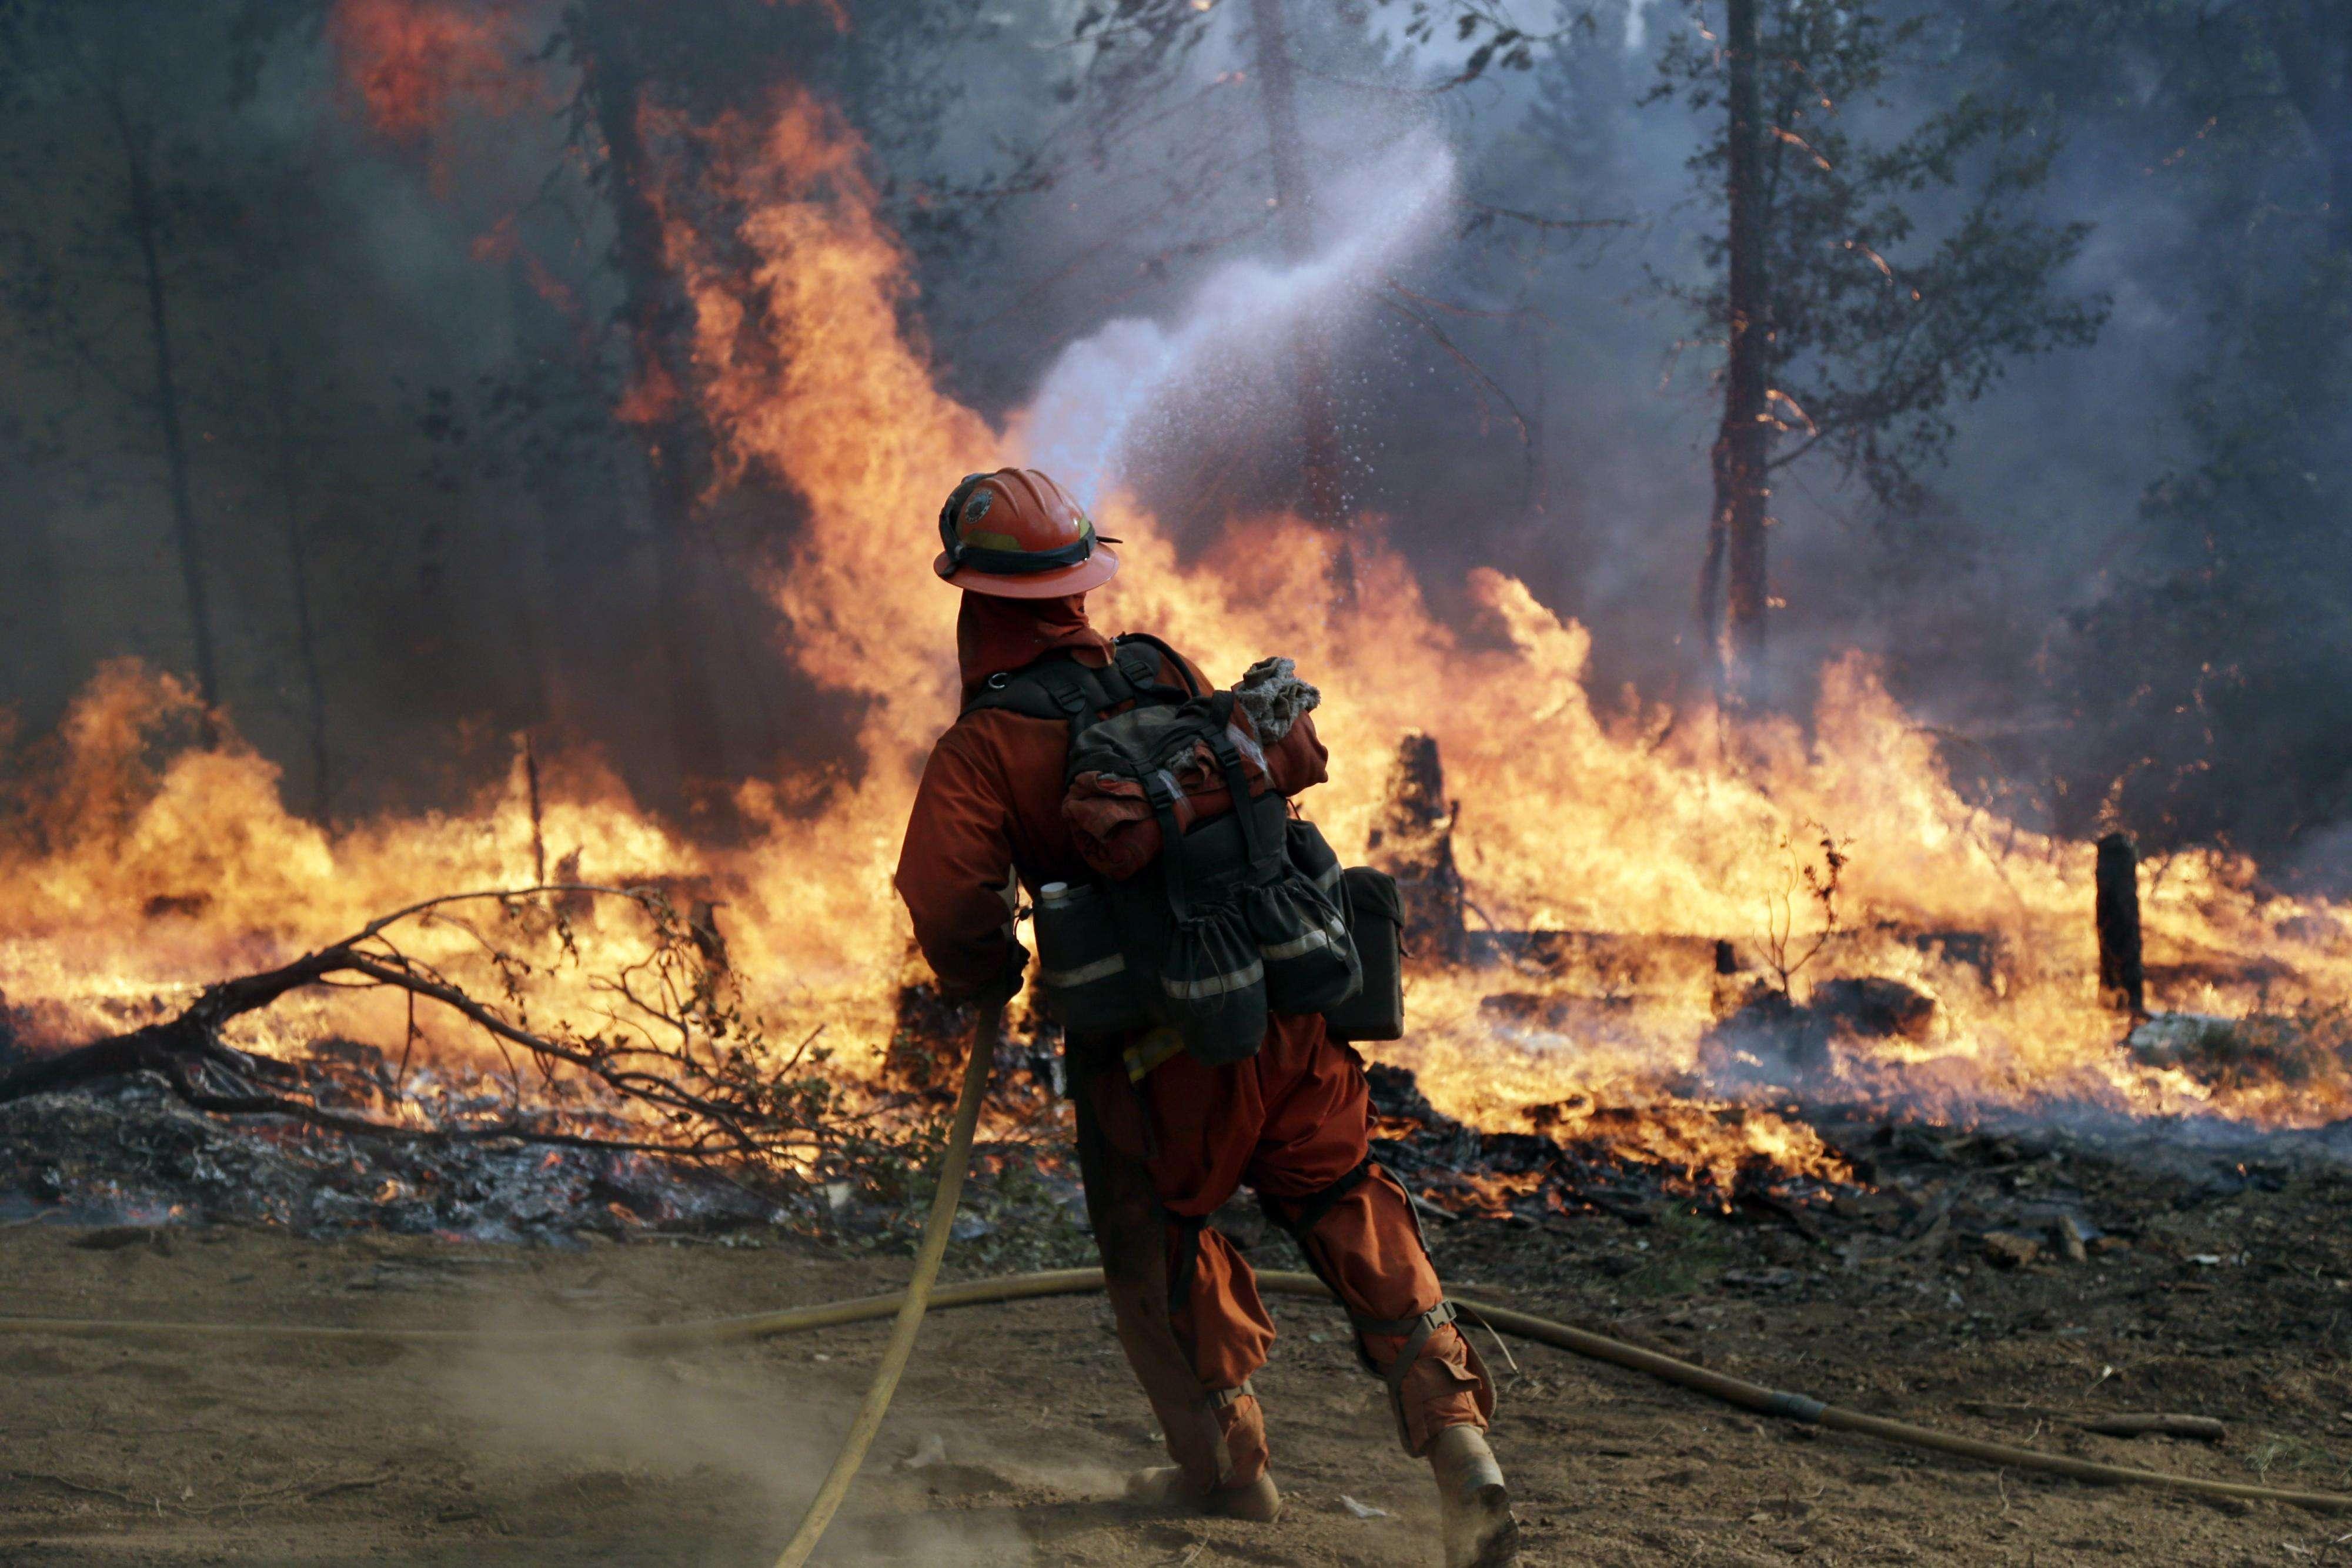 Un bombero rocía agua un incendio controlado para formar una barrera antifuego el lunes 22 de septiembre de 2014, cerca de Placerville, California. Foto: AP en español